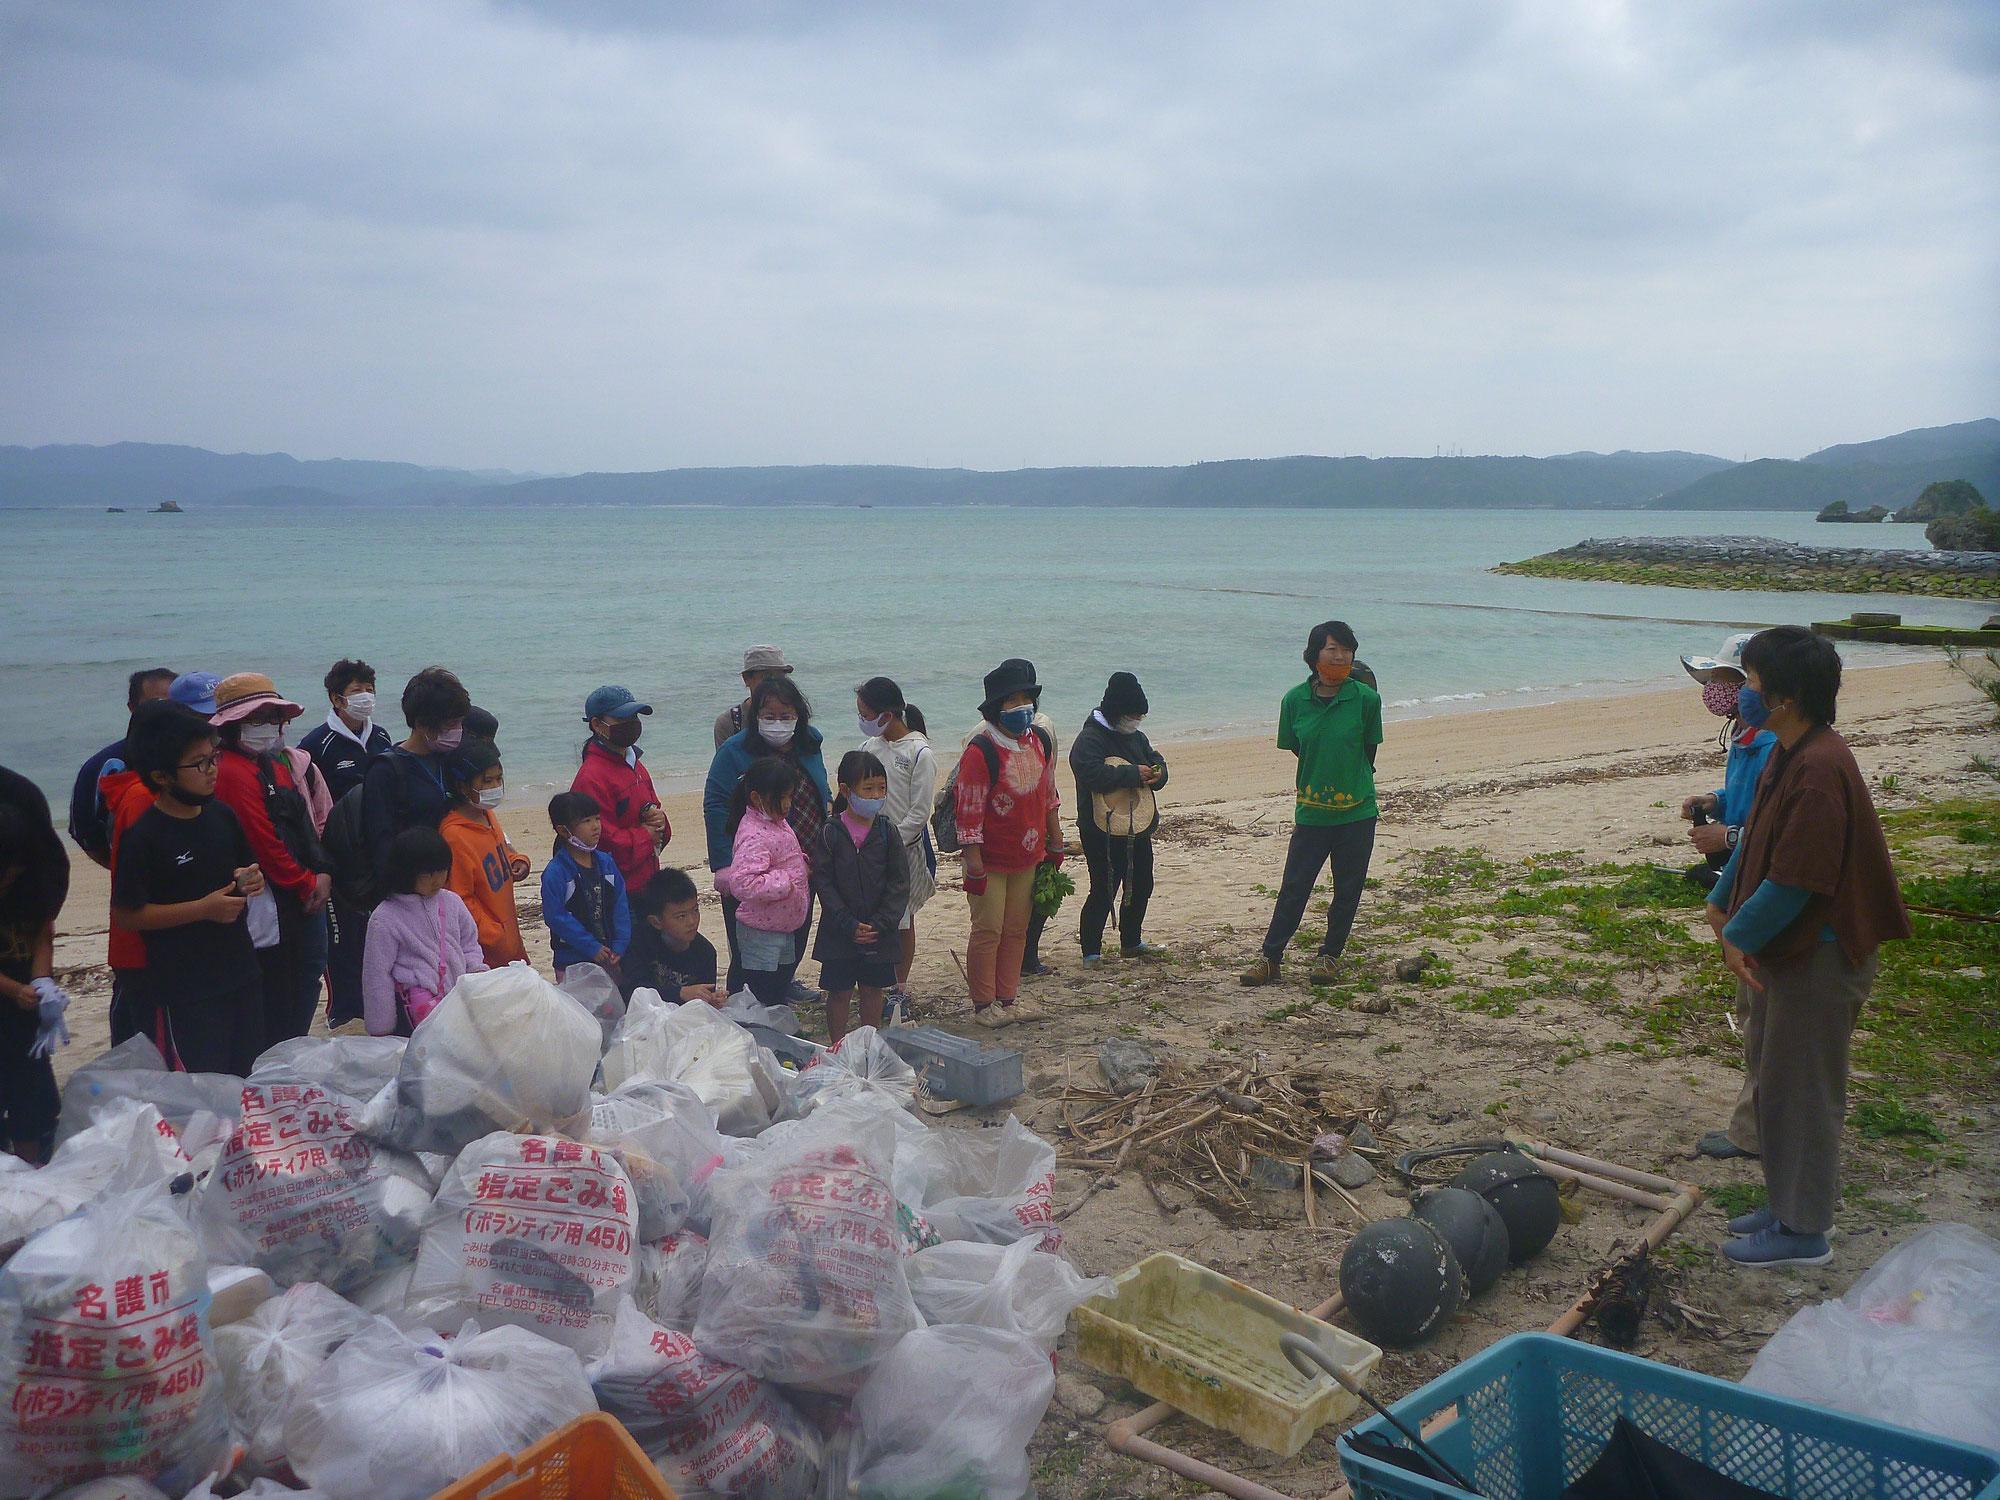 ECO人やんばる 海岸クリーンアップボランティア